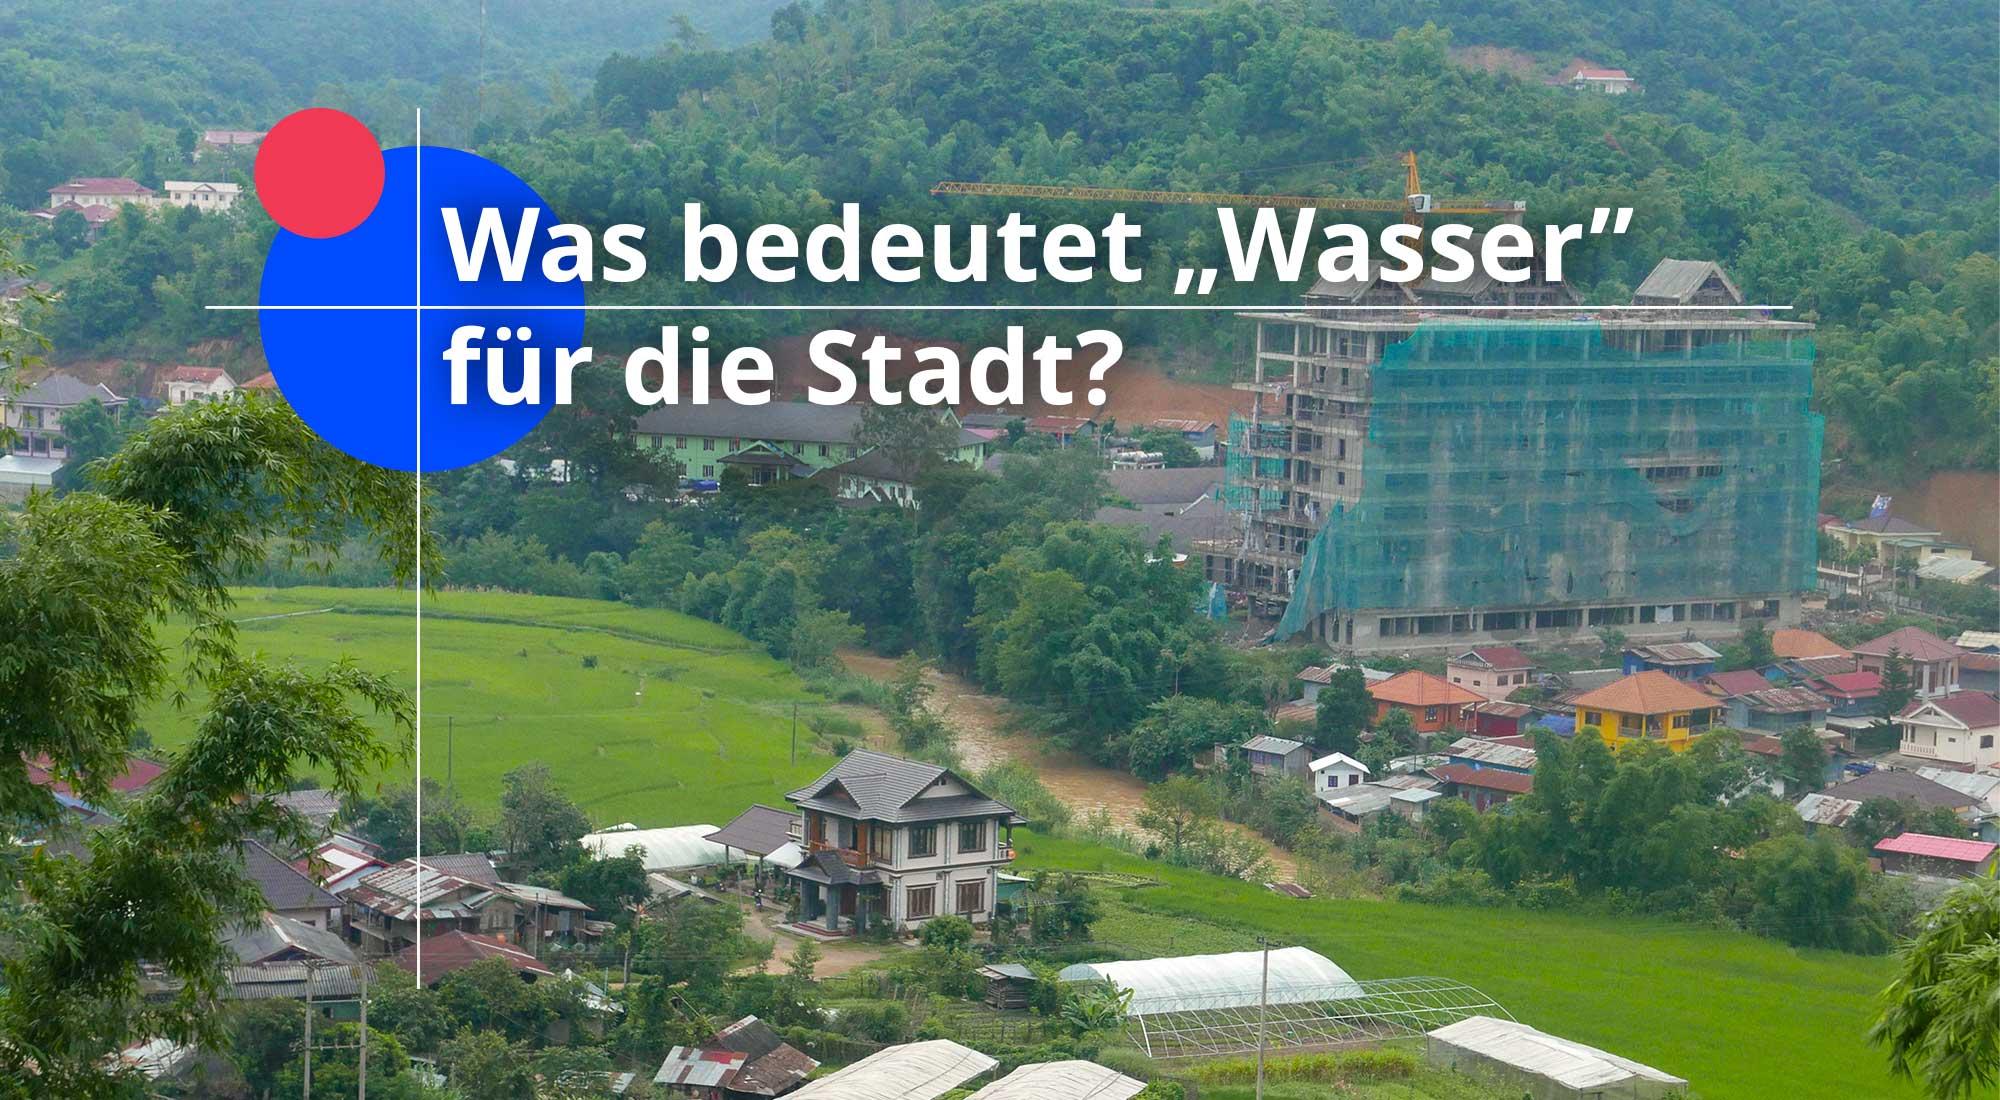 """Was bedeutet """"Wasser"""" für die Stadt?"""